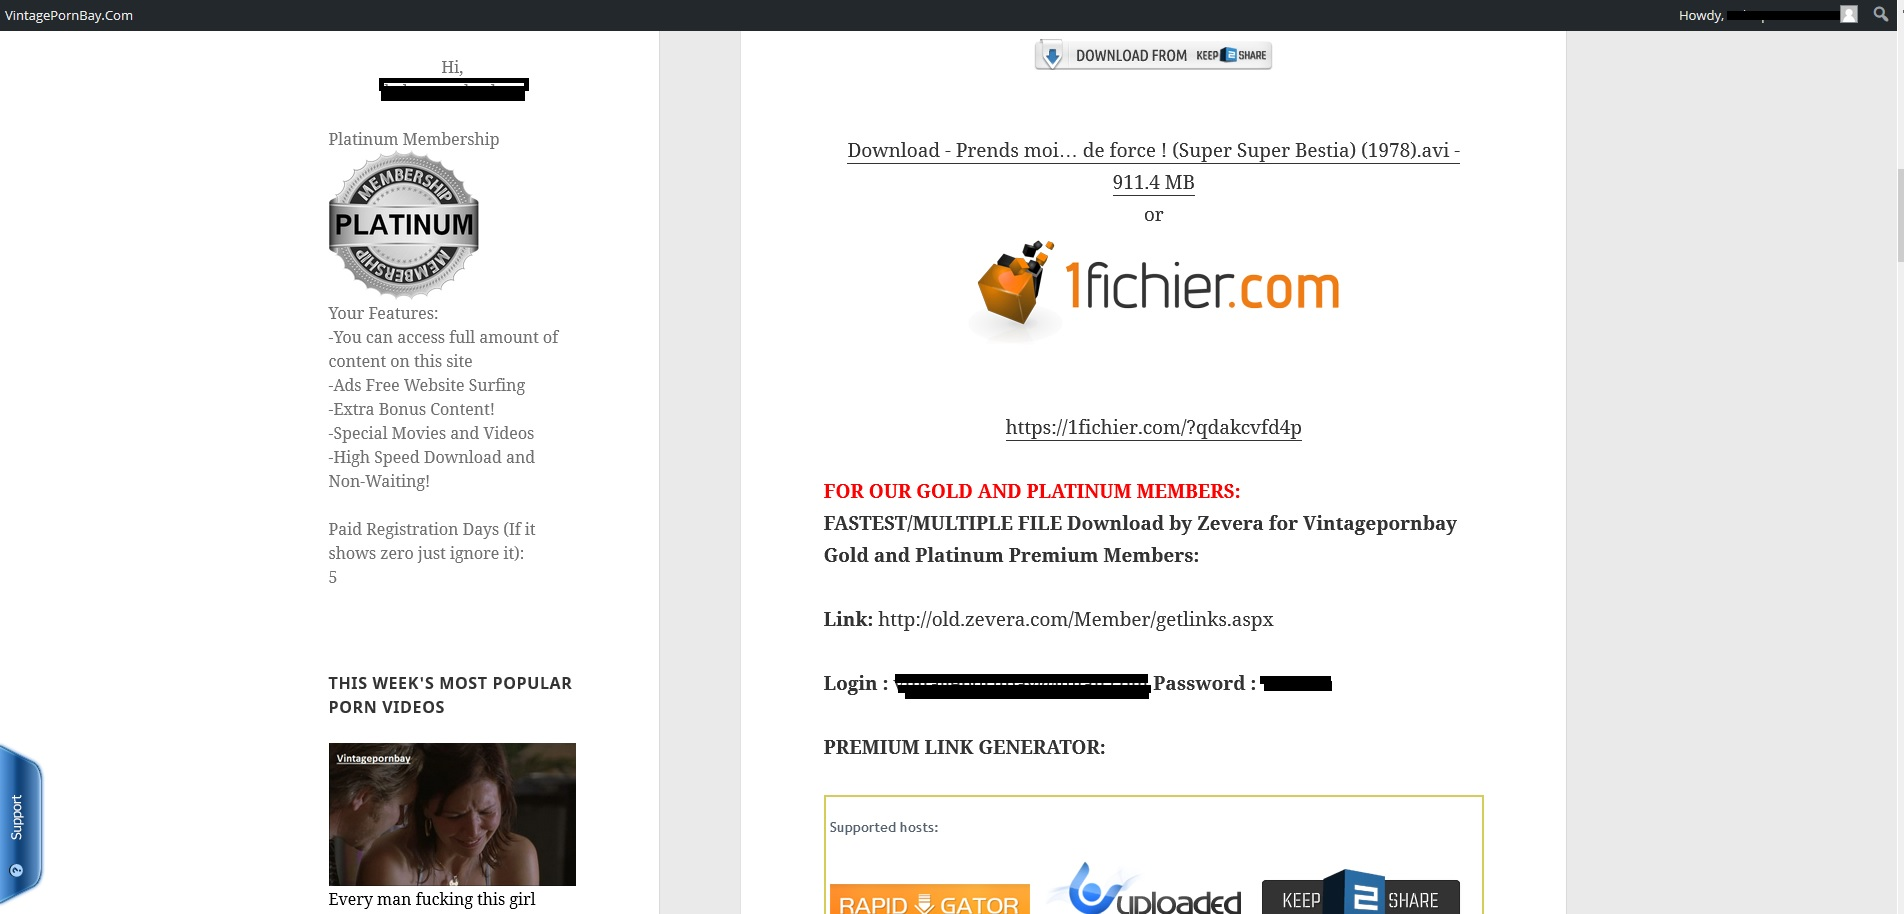 Platinum Premium Links